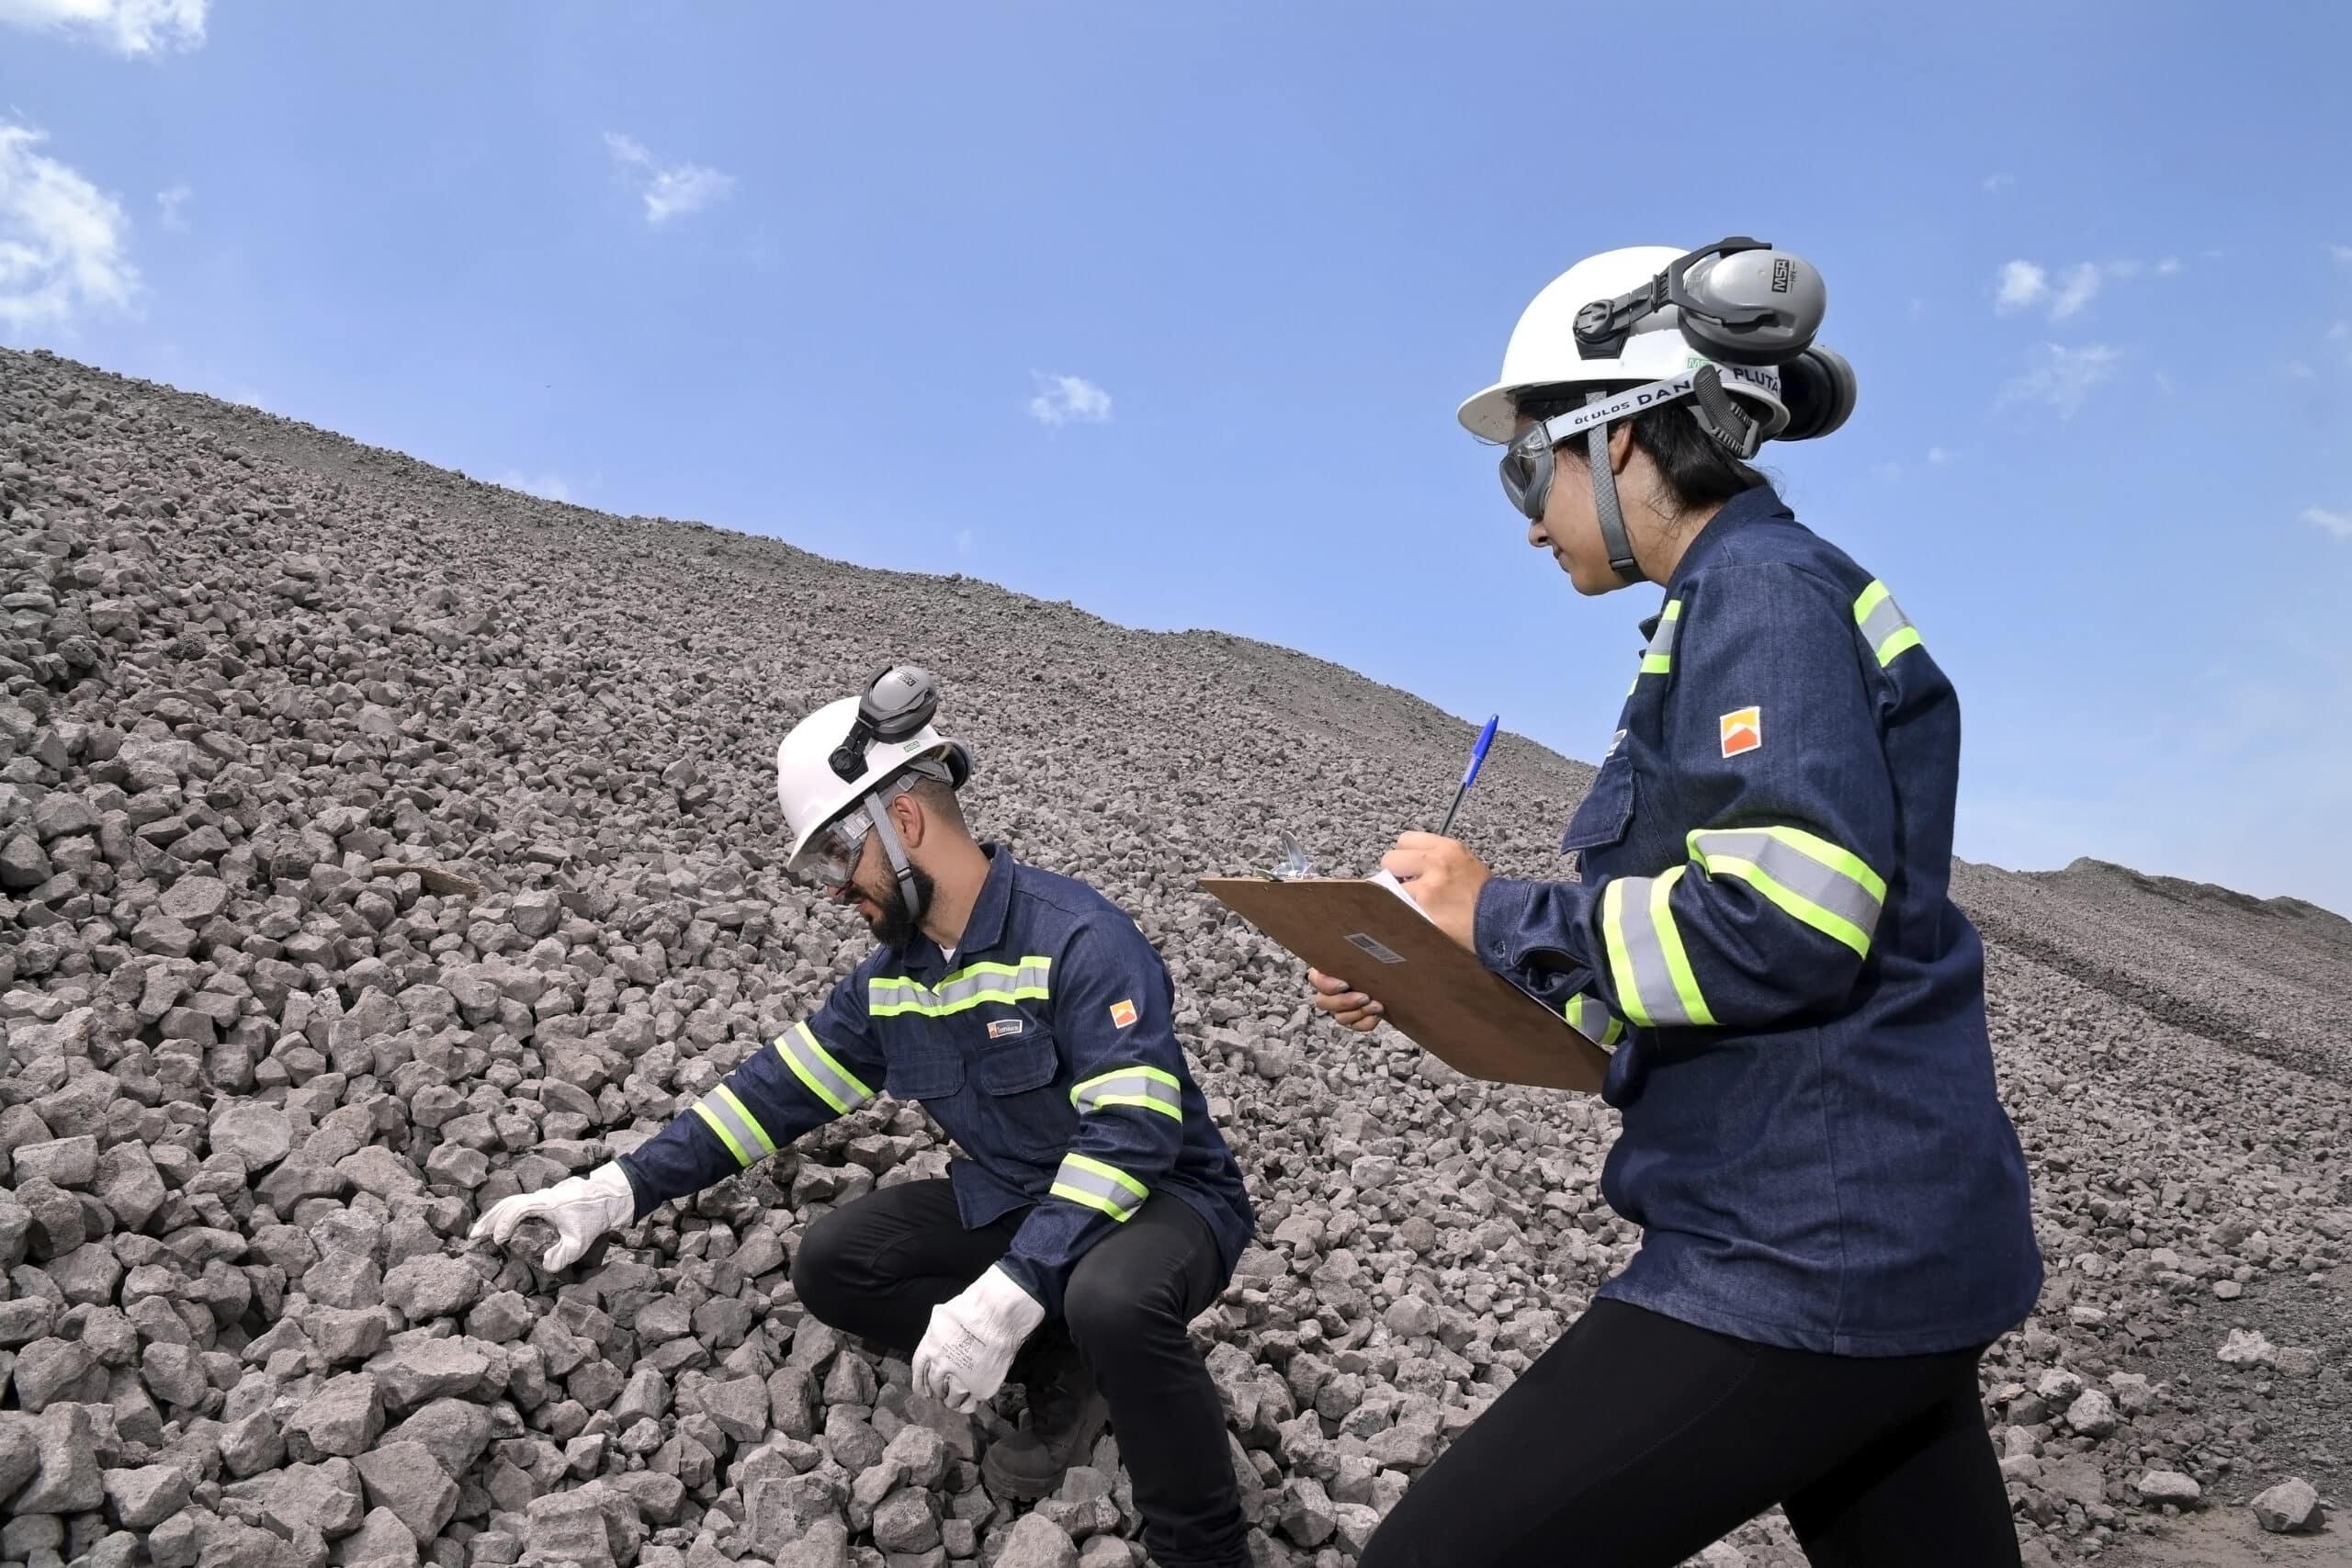 A maior siderúrgica da América Latina e CTR de Seropédica firmam acordo e incentivam economia circular